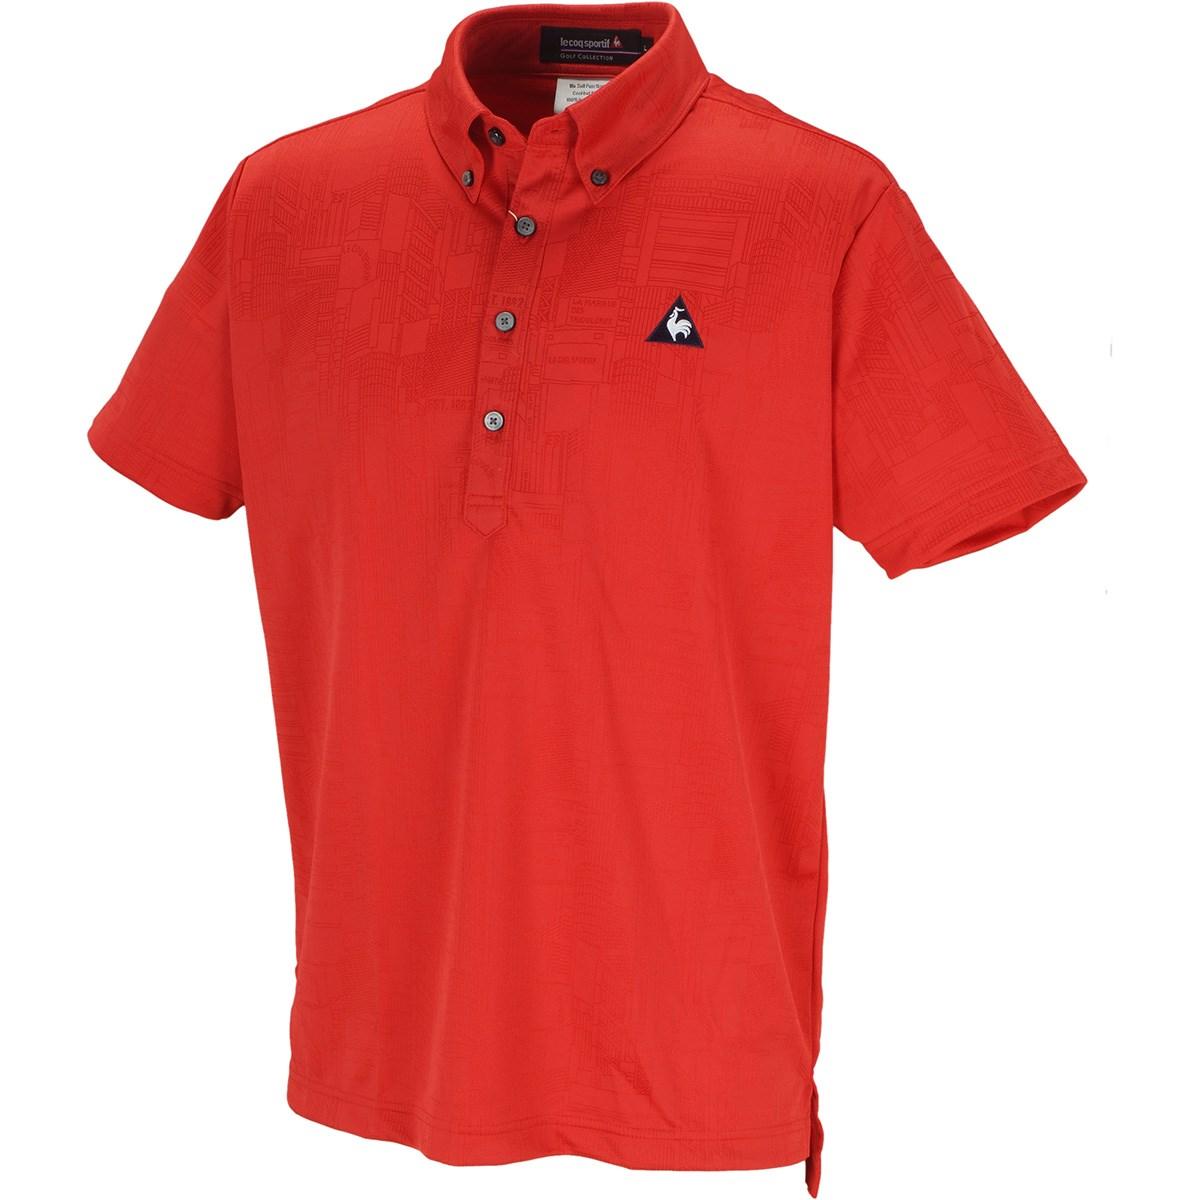 ルコックゴルフ Le coq sportif GOLF シティハイゲージジャガード 半袖ポロシャツ M レッド 00